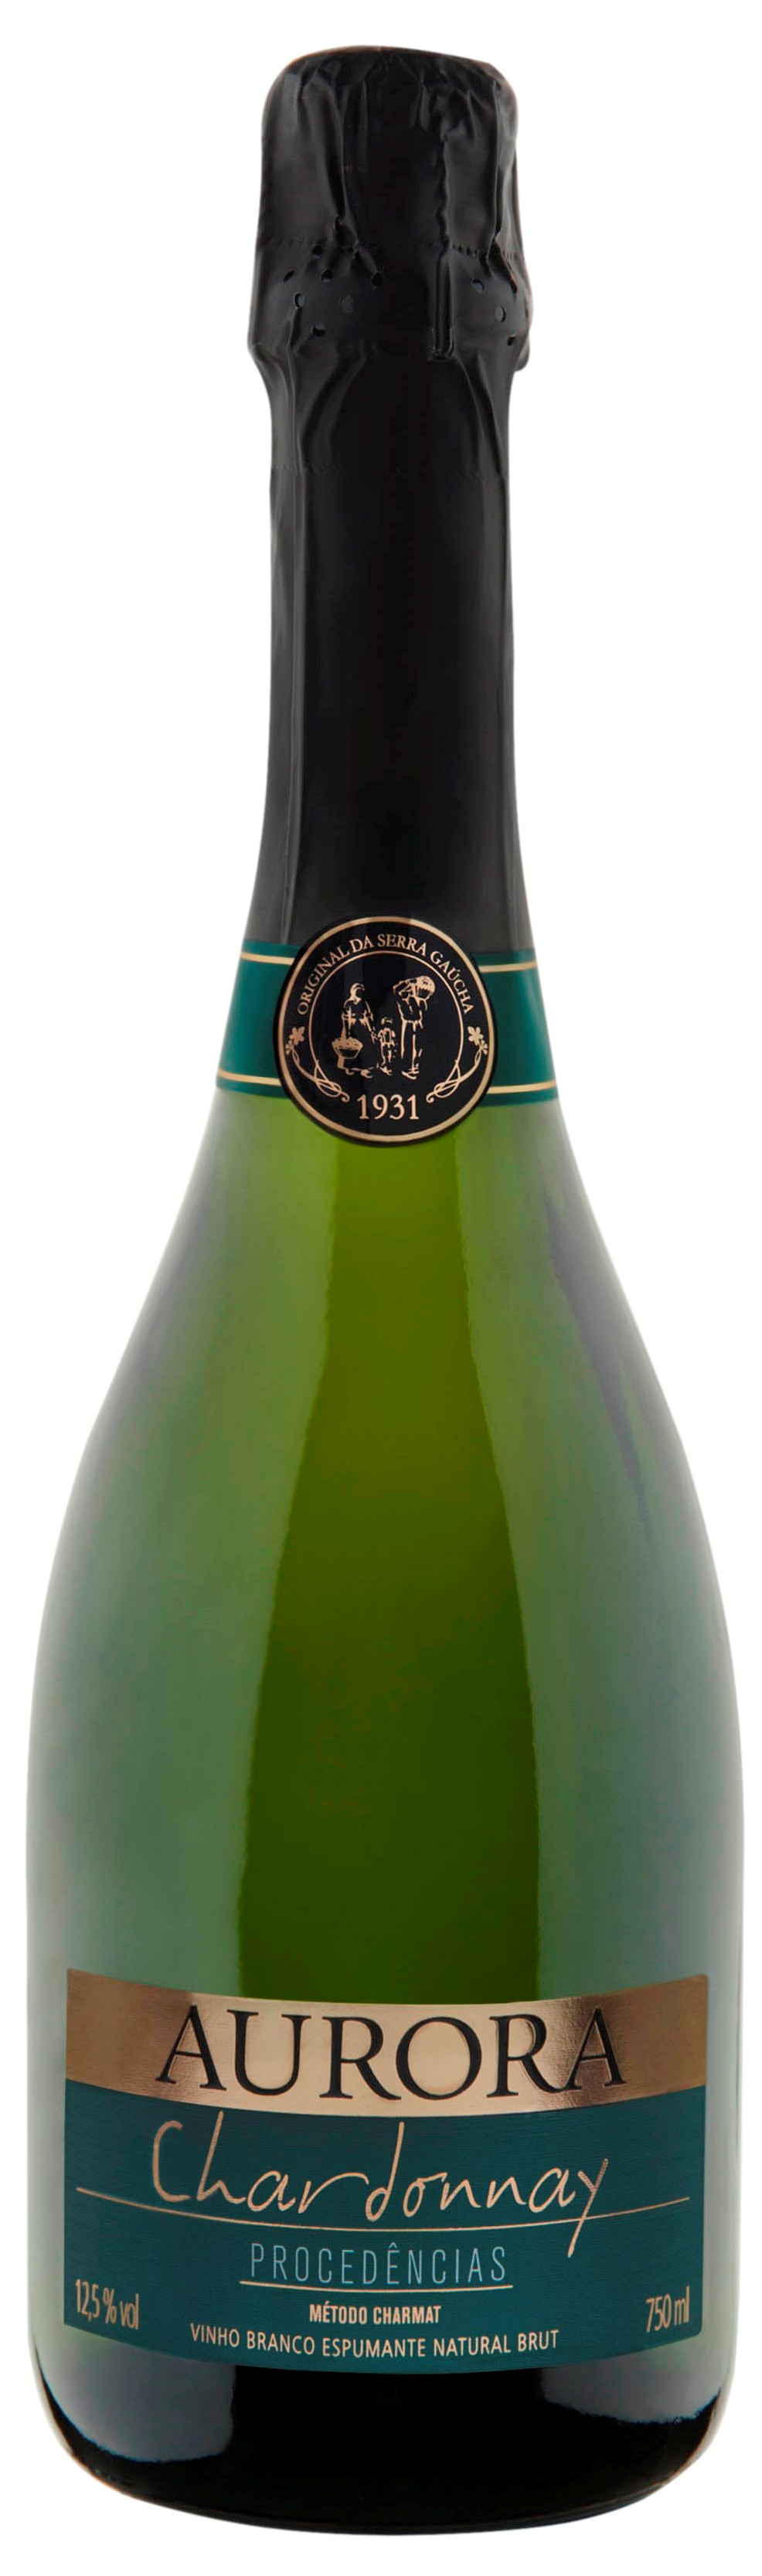 Foto-Espumante-Aurora-Chardonnay-Procedencias